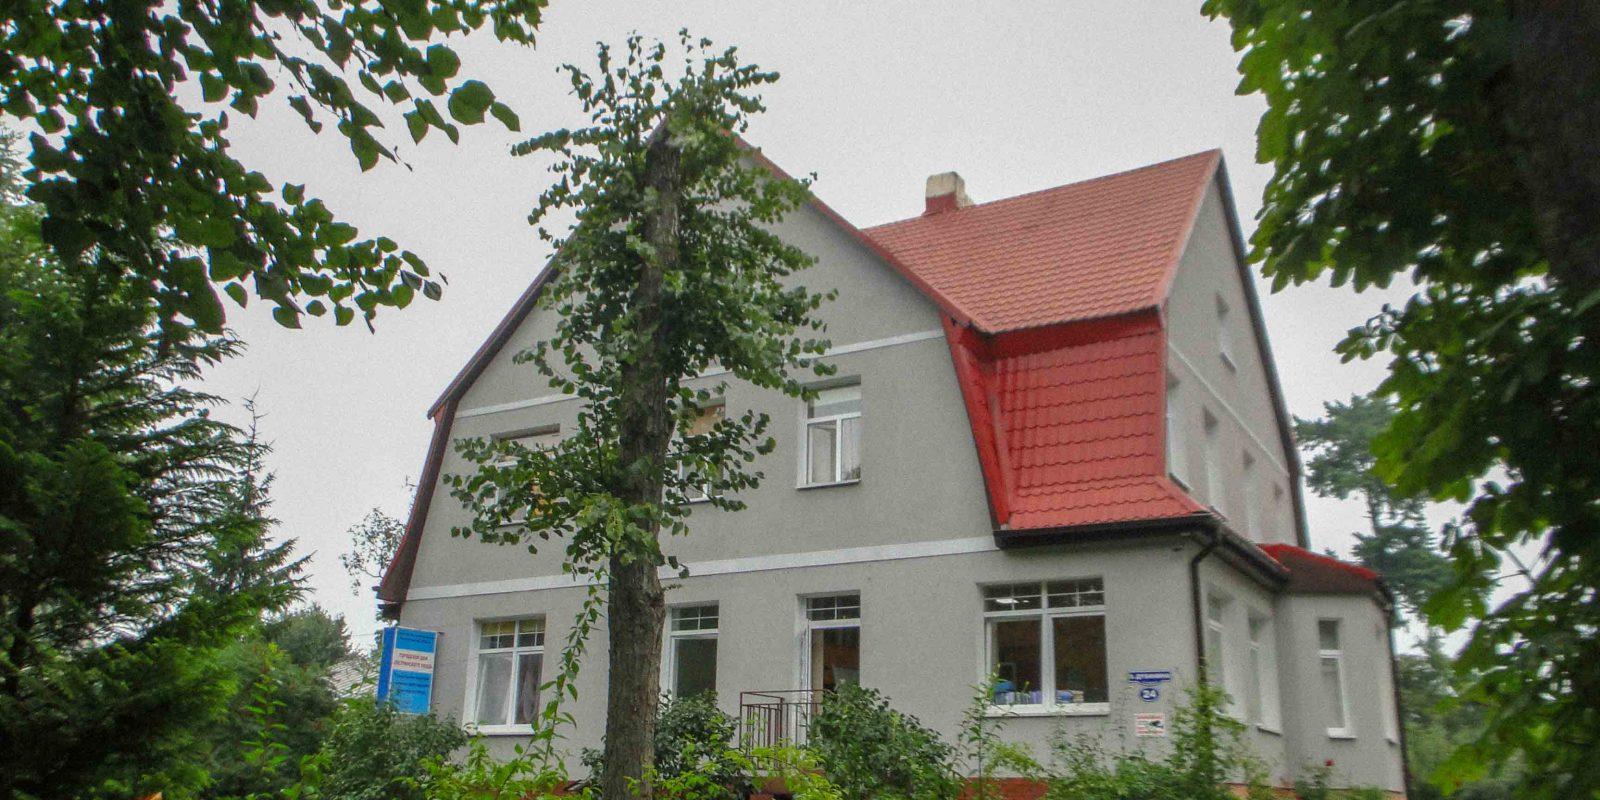 Строительный контроль работ капитального ремонта крыши учреждения здравоохранения